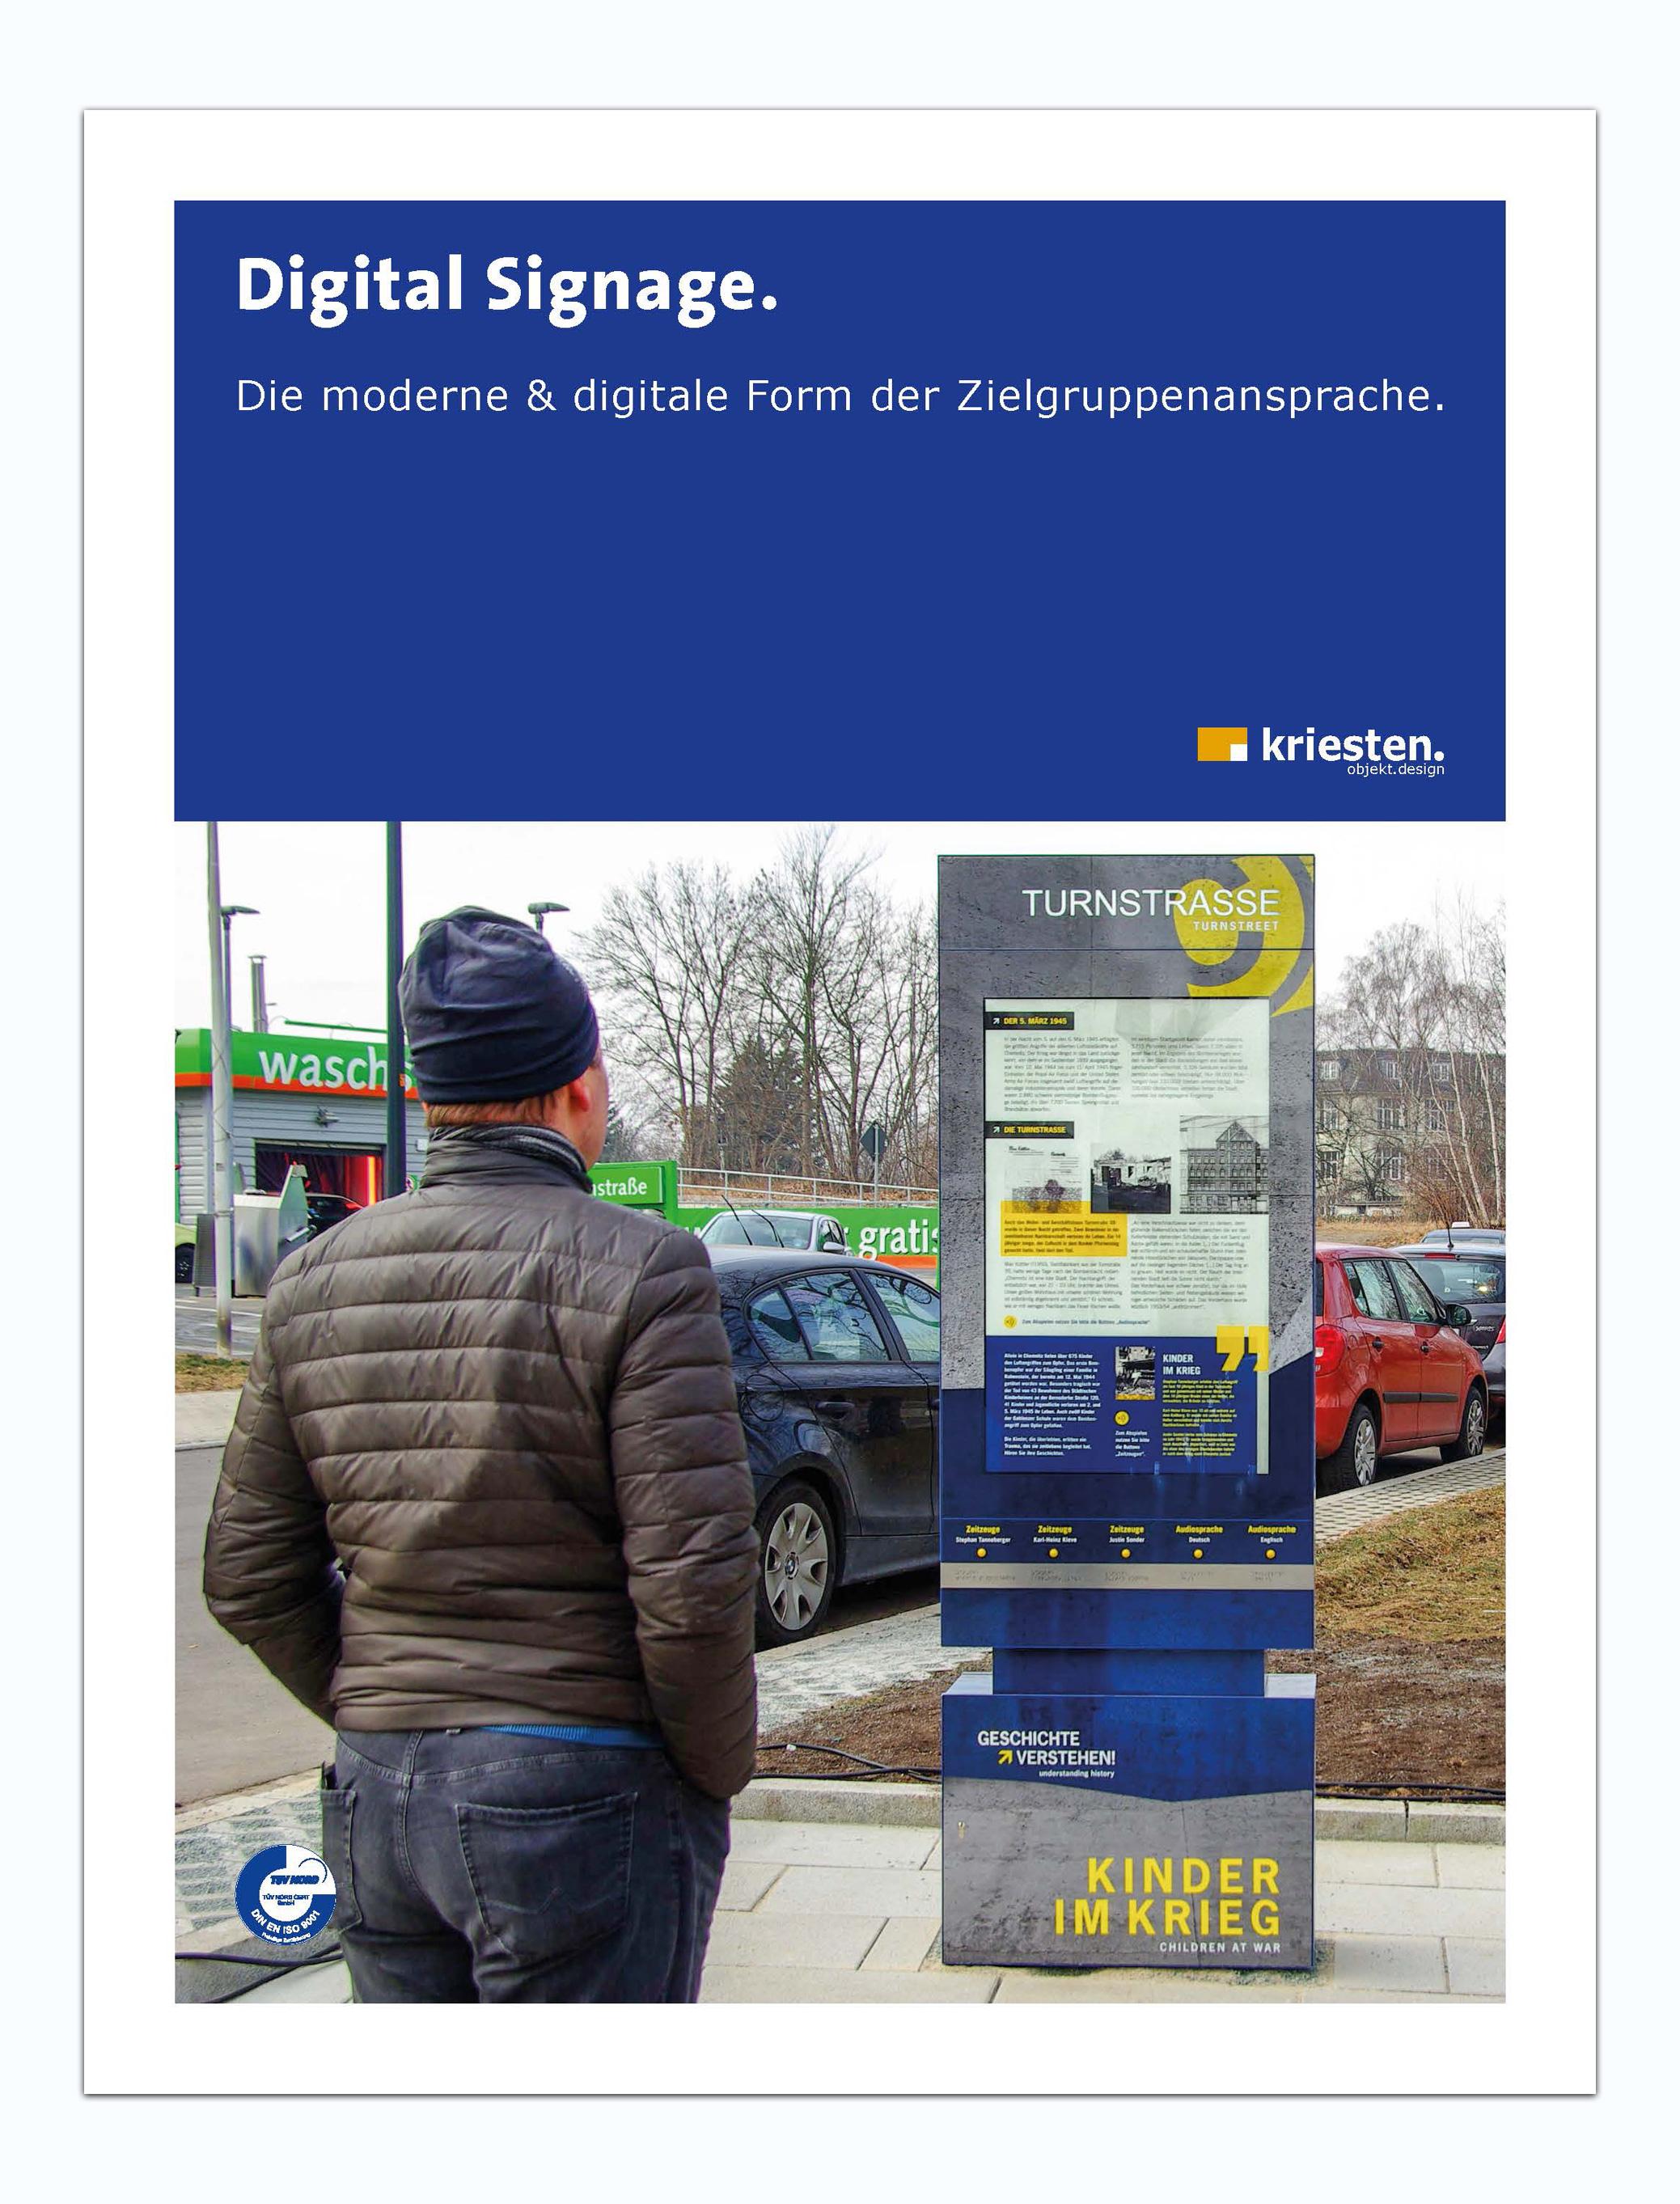 Niedlich Sumptuous Design Ideas Bettende Fotos - Heimat Ideen ...